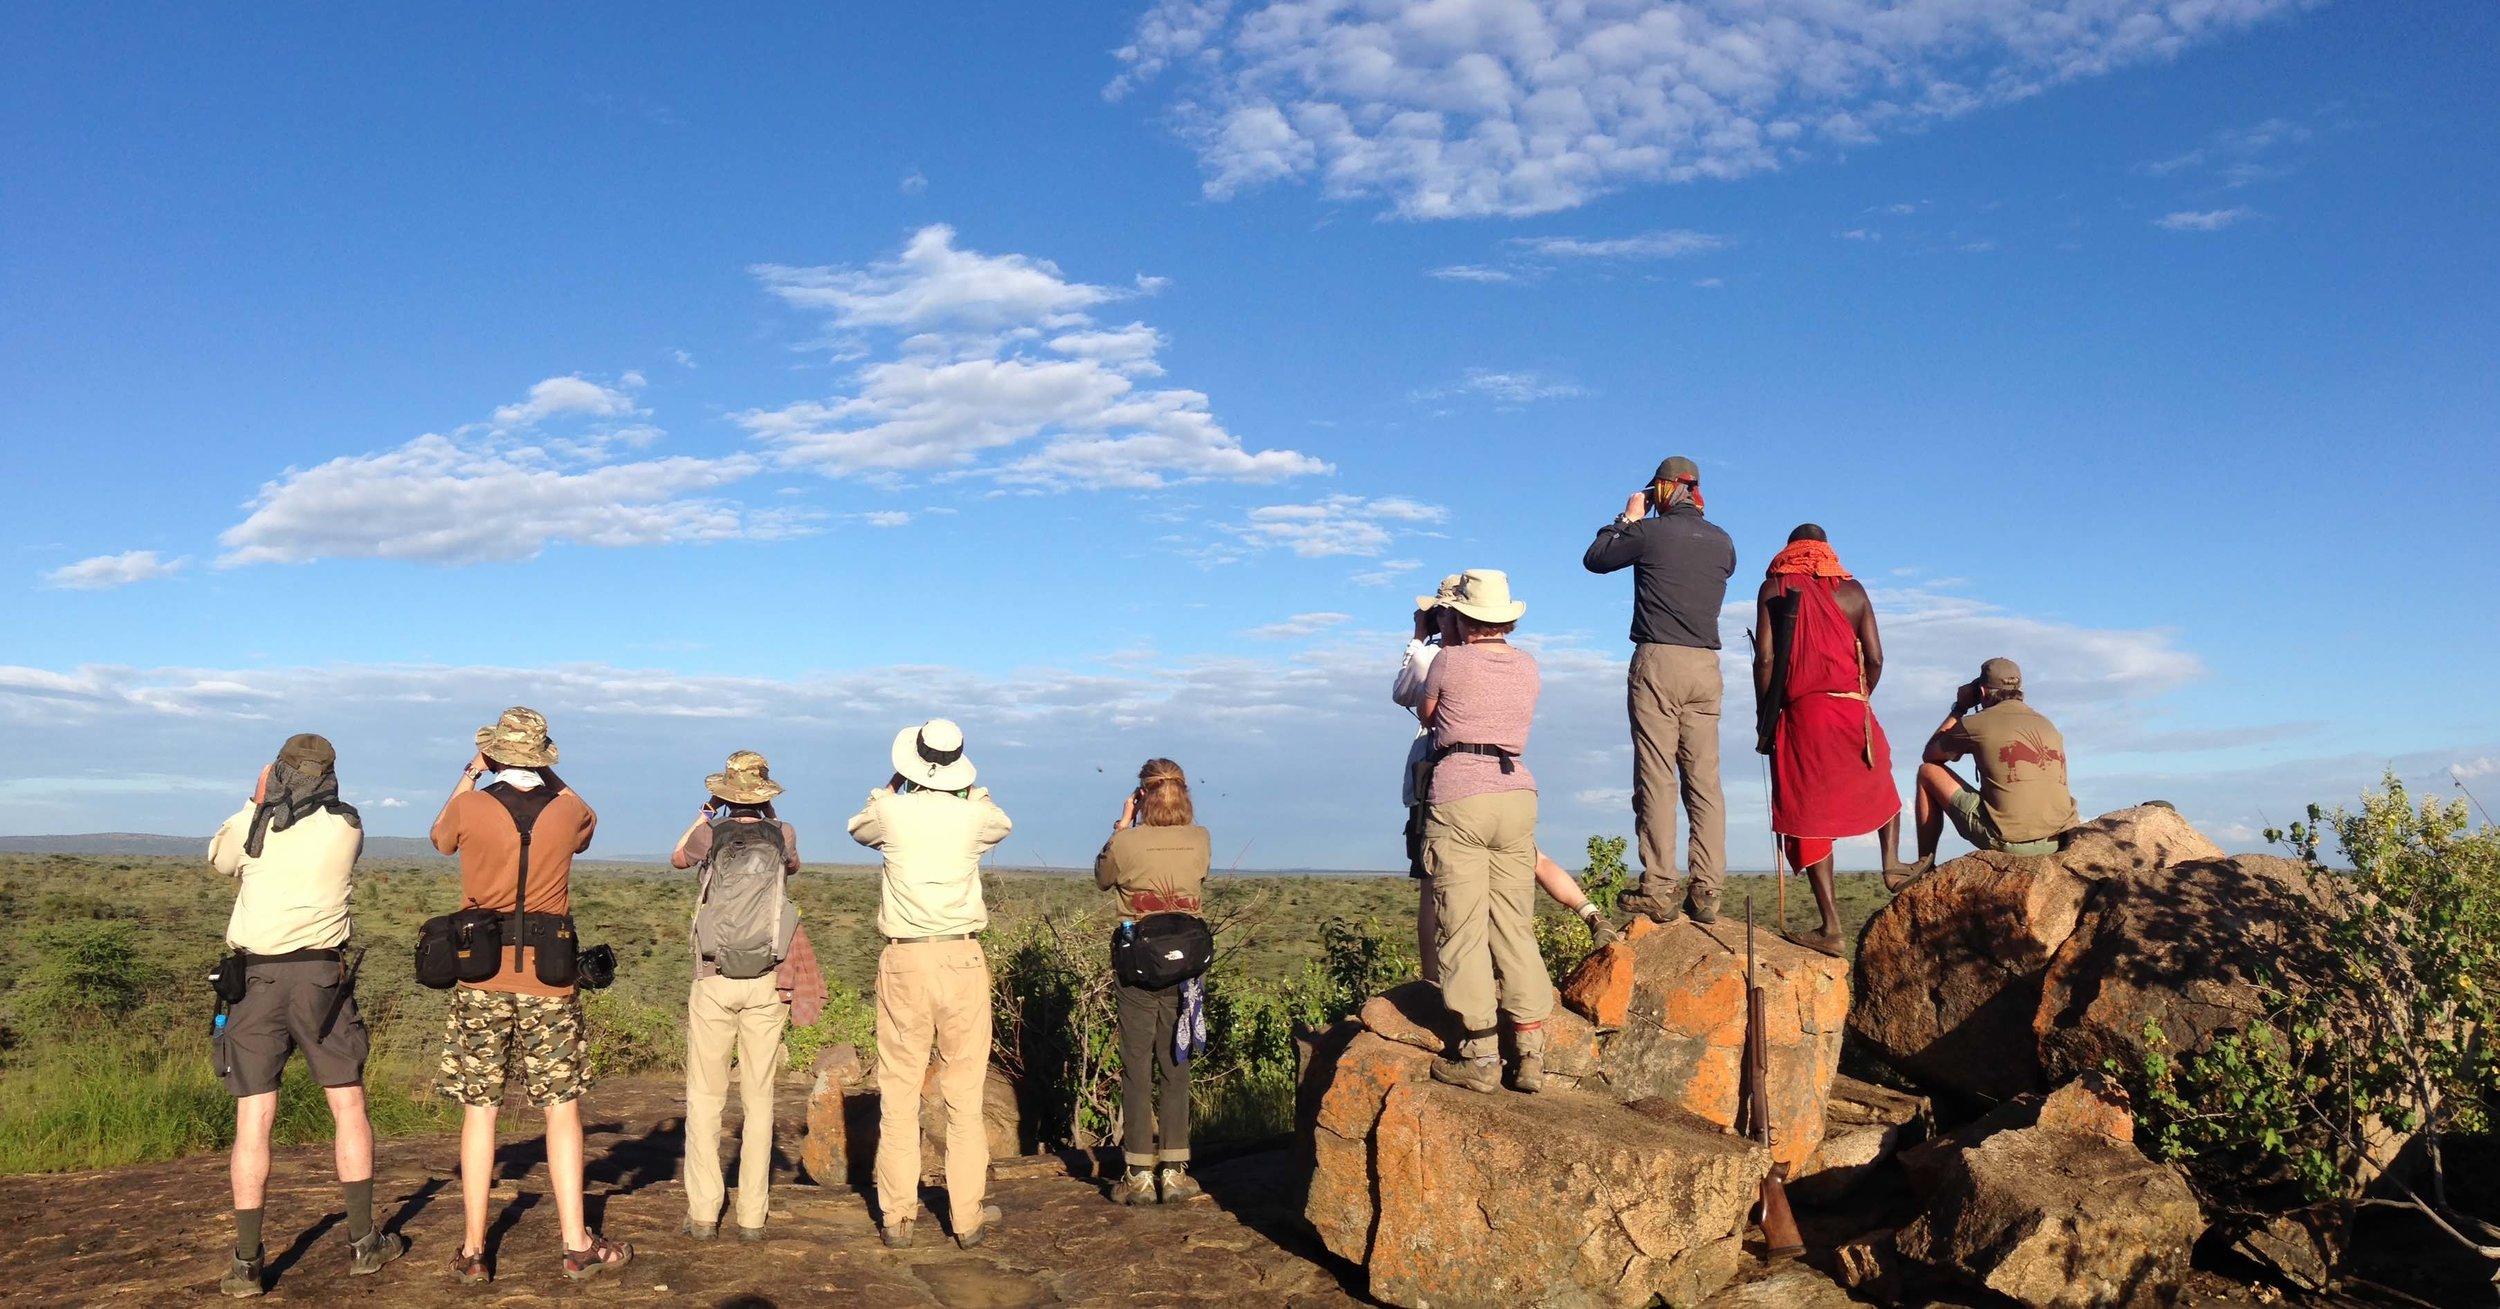 Viel zu sehen:  Safari-Touristen in der Serengeti, Tansania |  © Foto by Gian Schachenmann